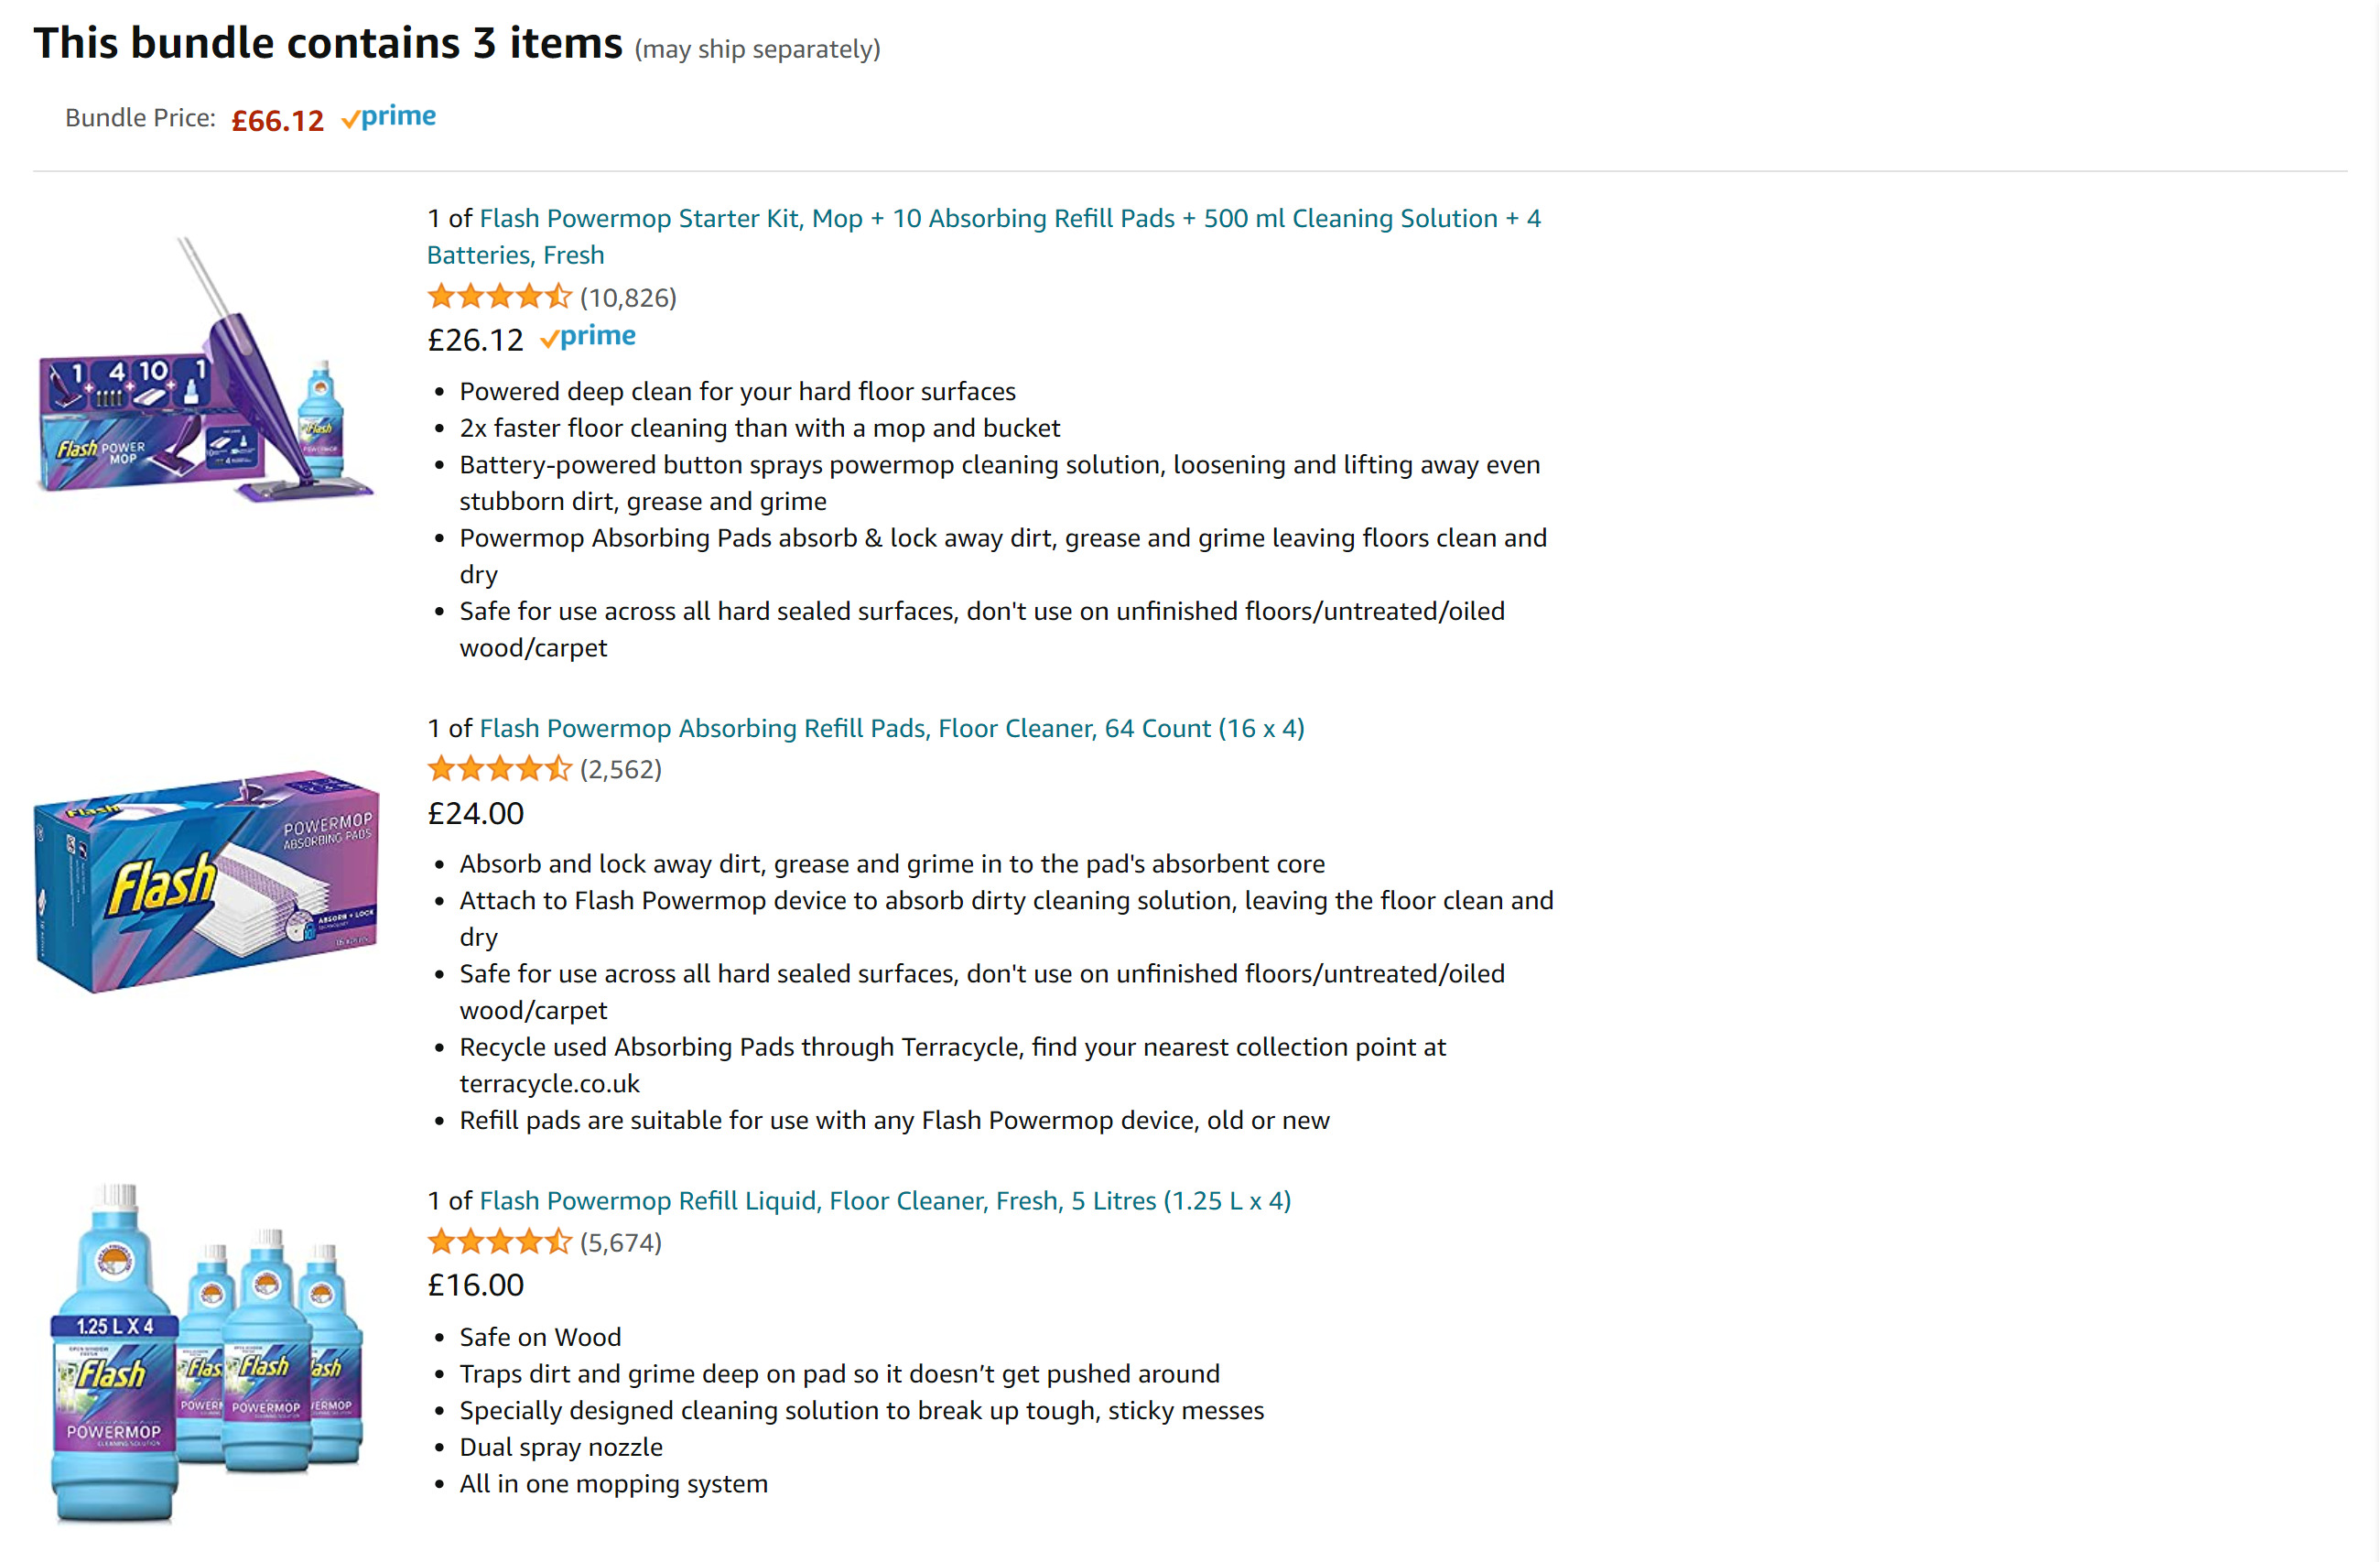 Example product bundle in Amazon